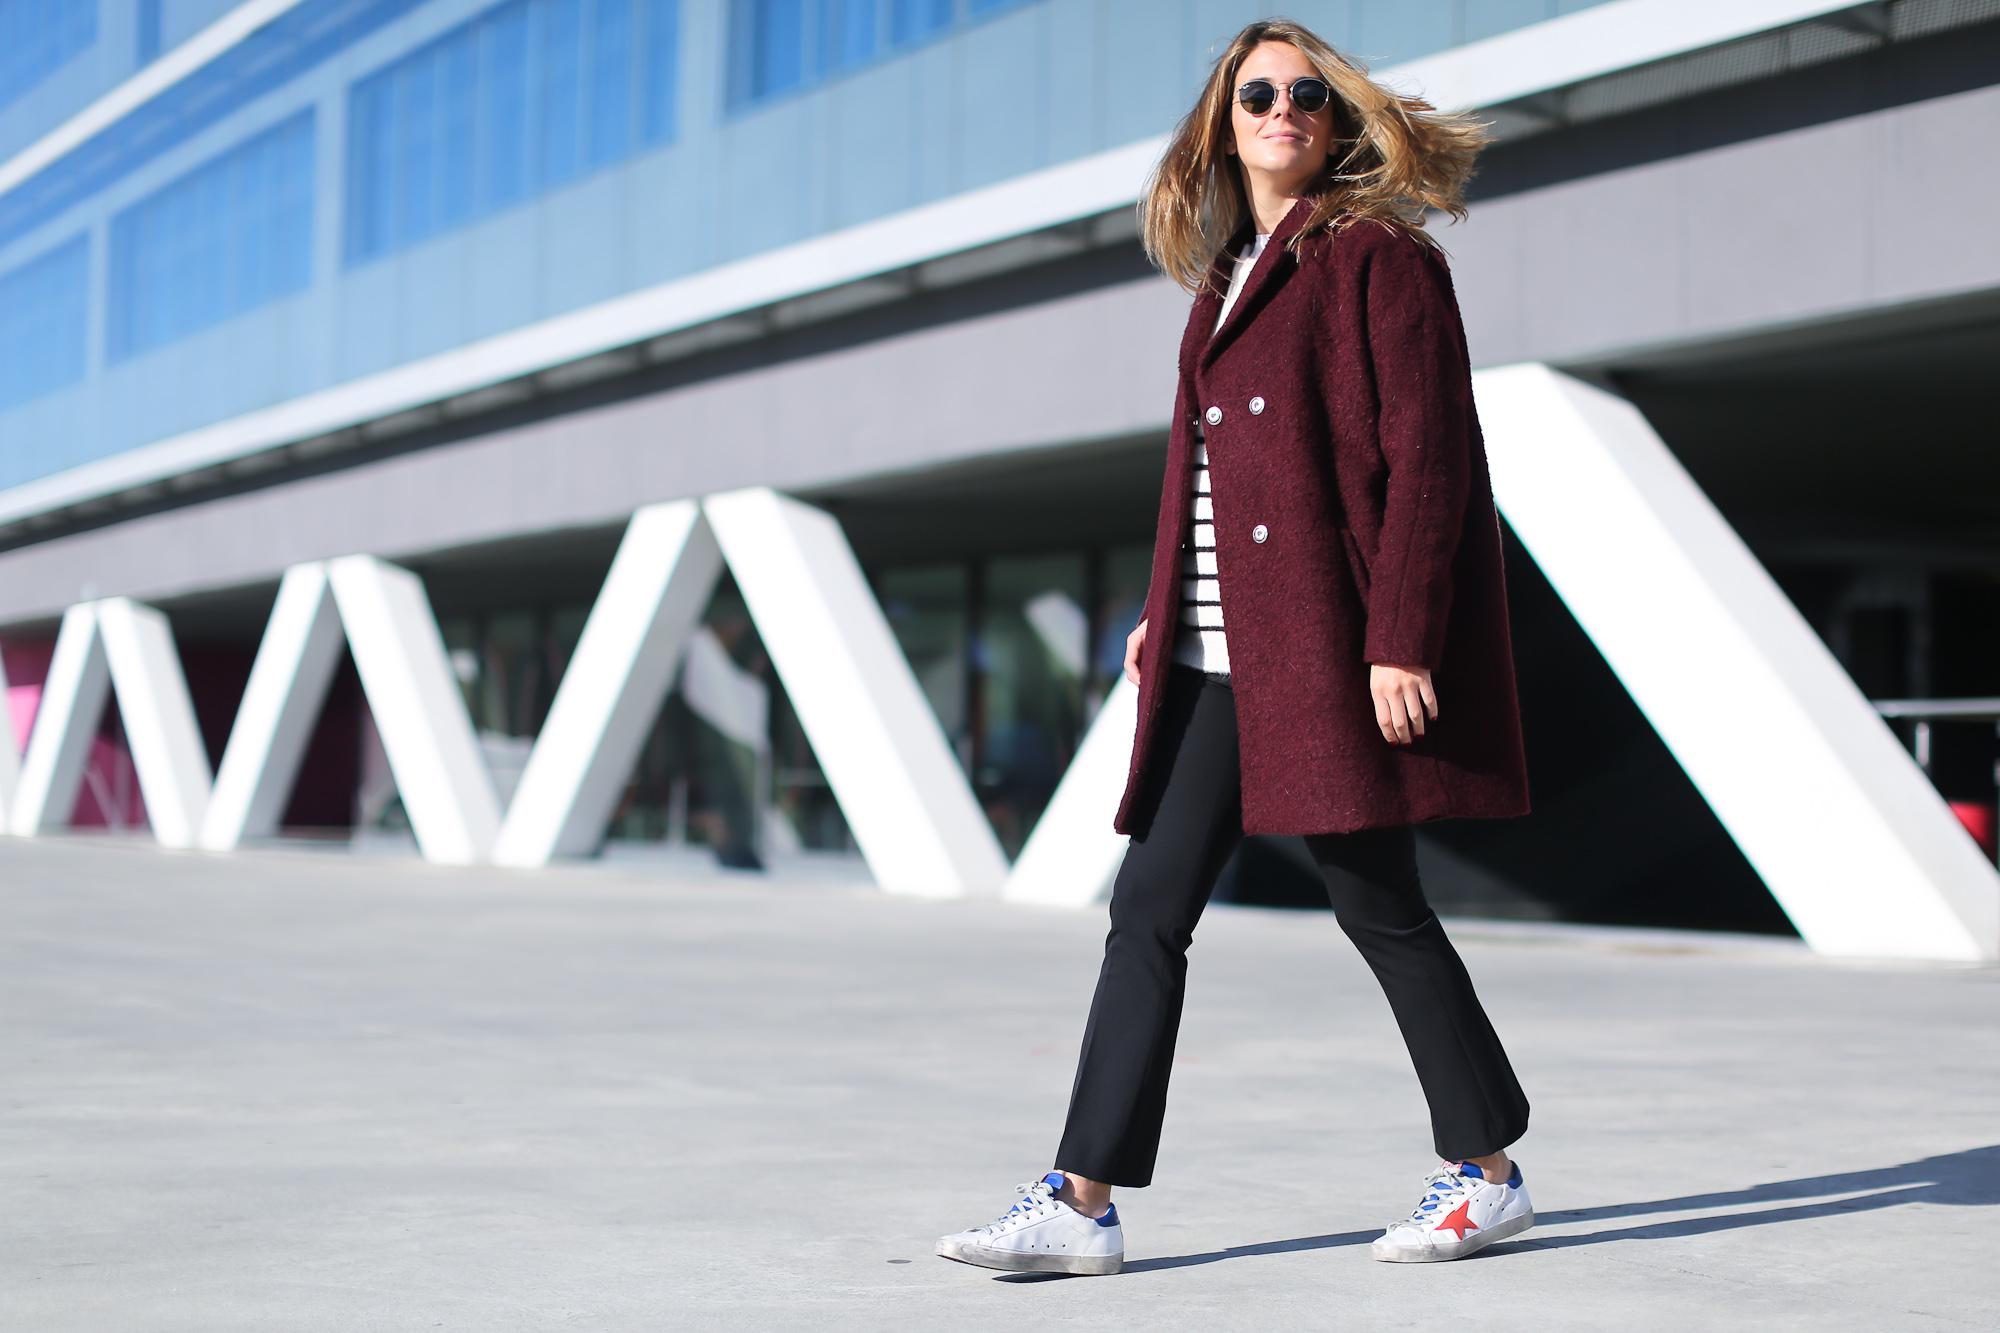 Clochet_streetstyle_golden_goose_deluxe_brand_sneakers_burgundy_coat-6